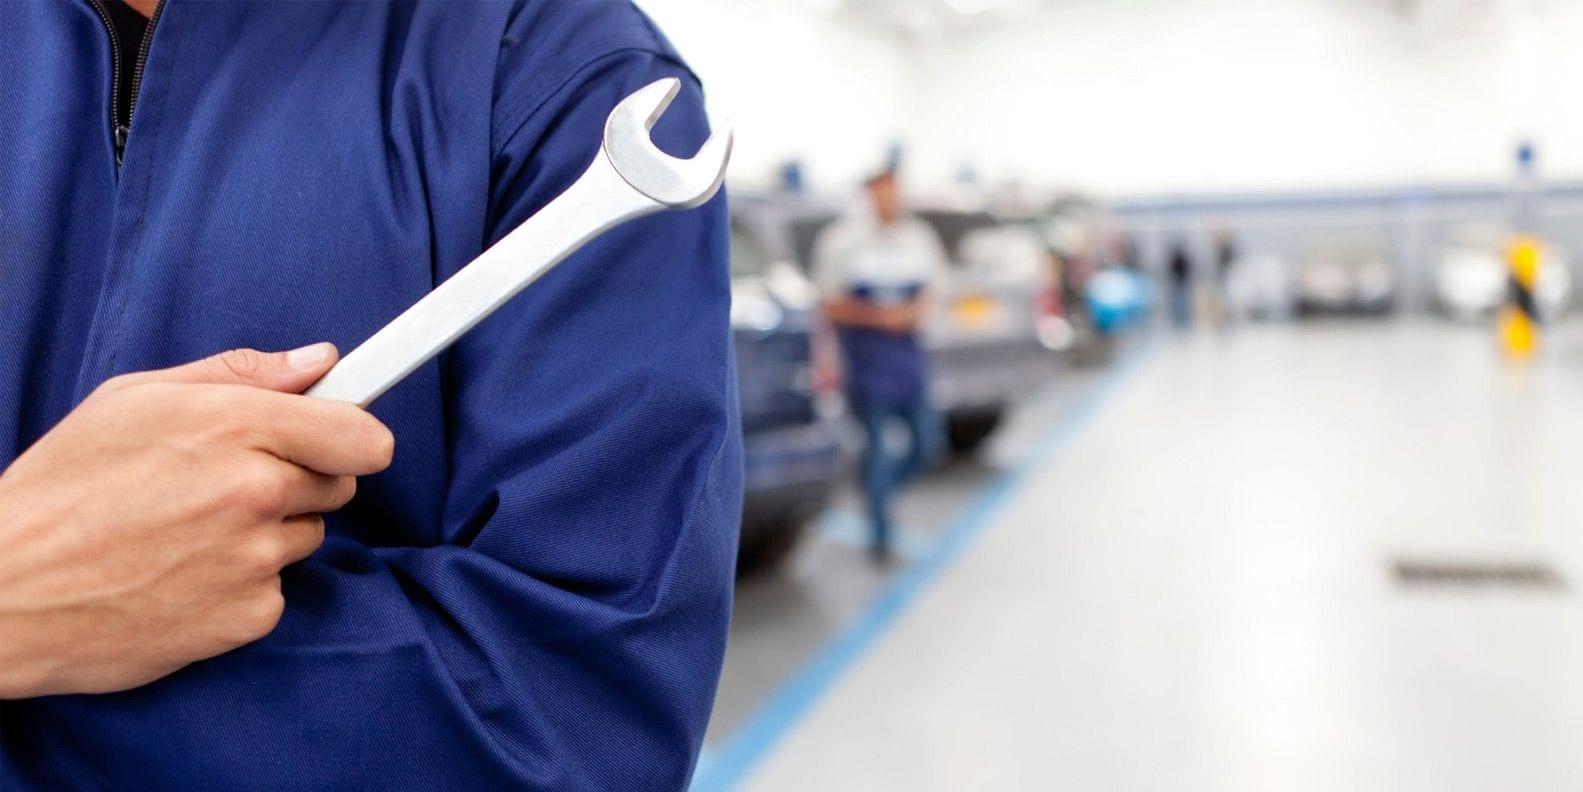 Sentencia contra talleres Citroën Automóviles Insulares